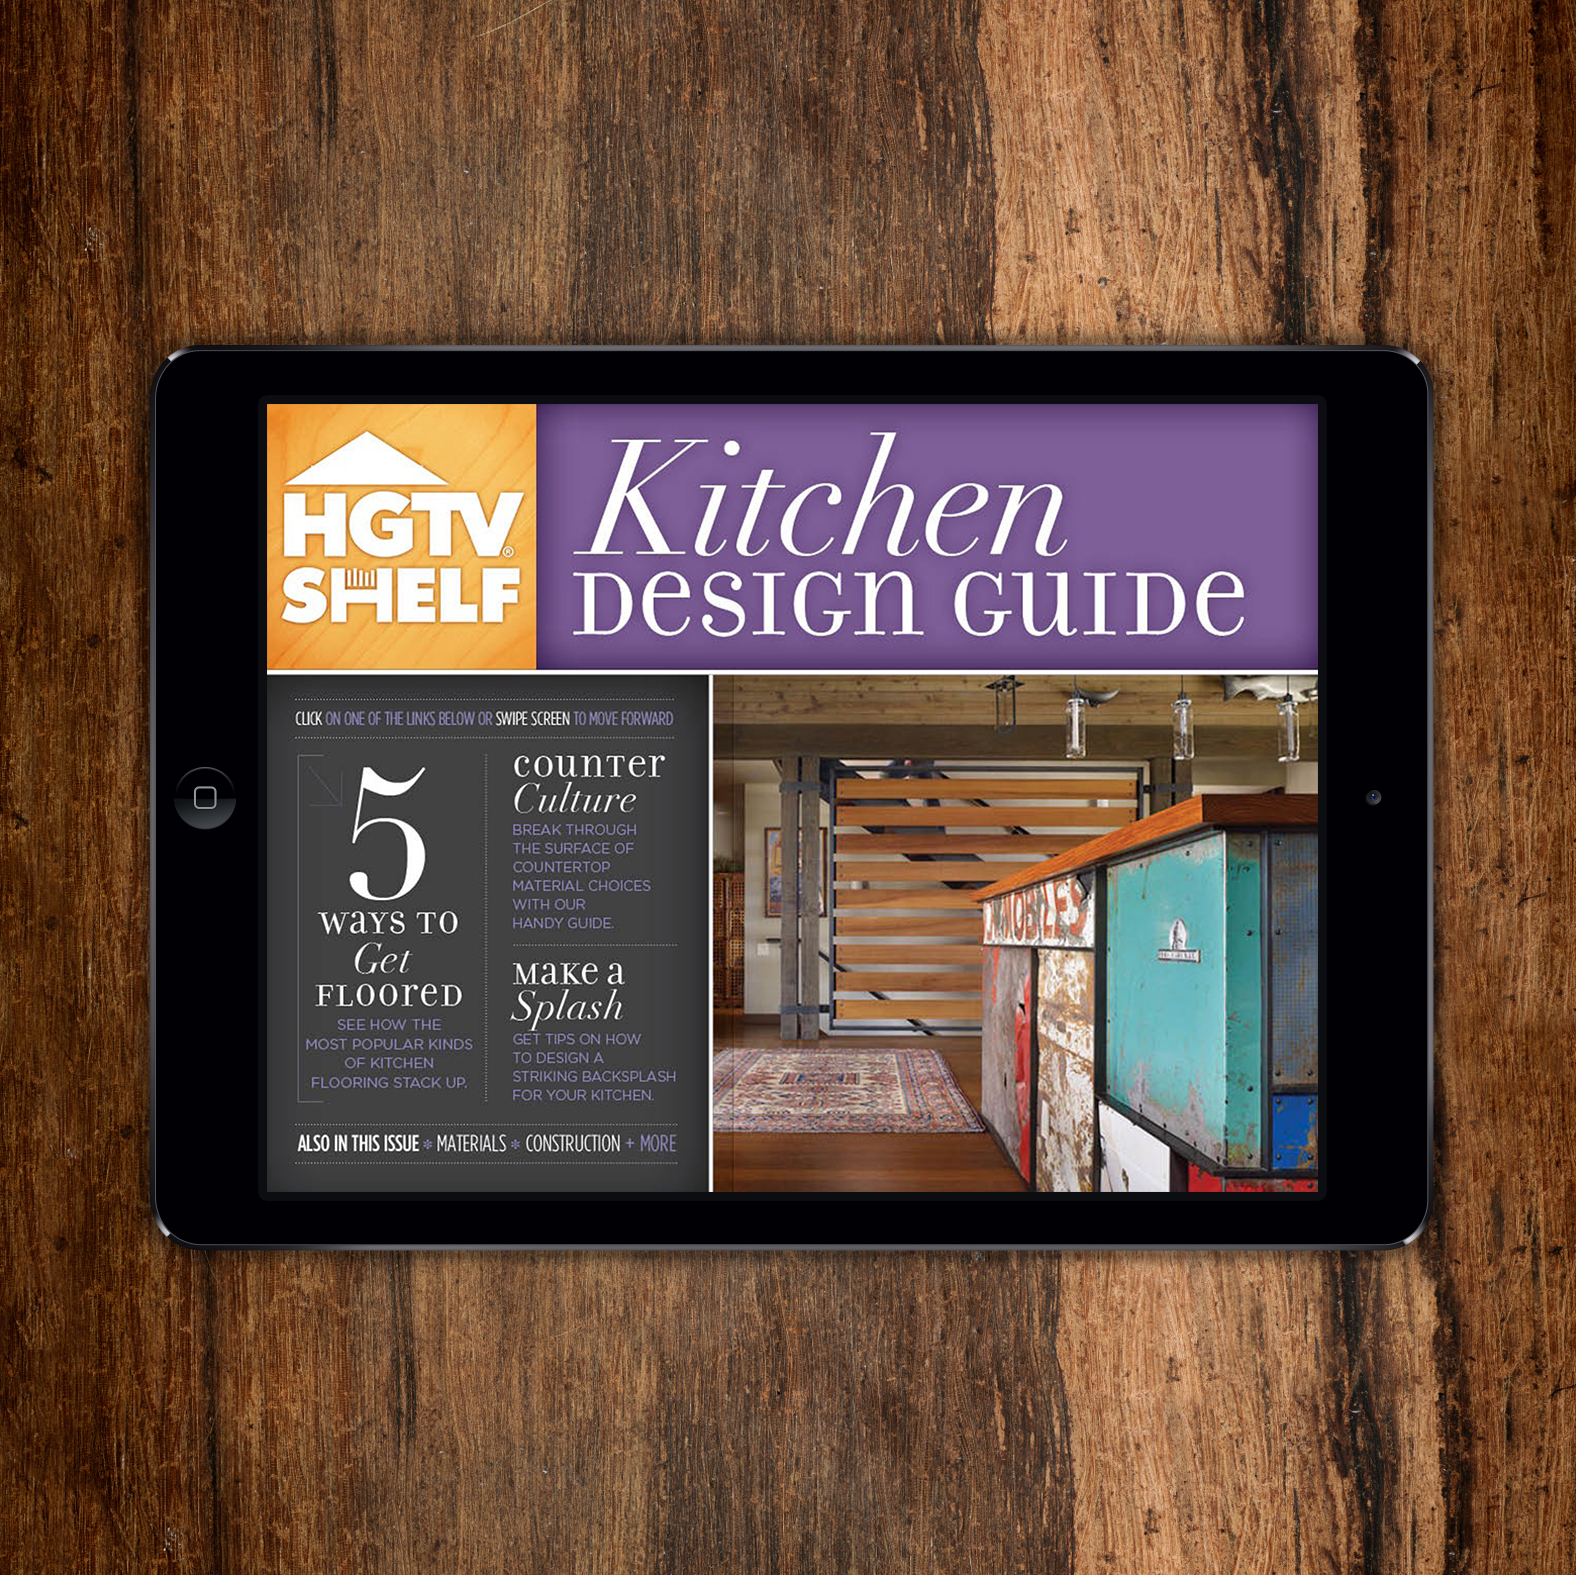 kitchens_on_wood.jpg